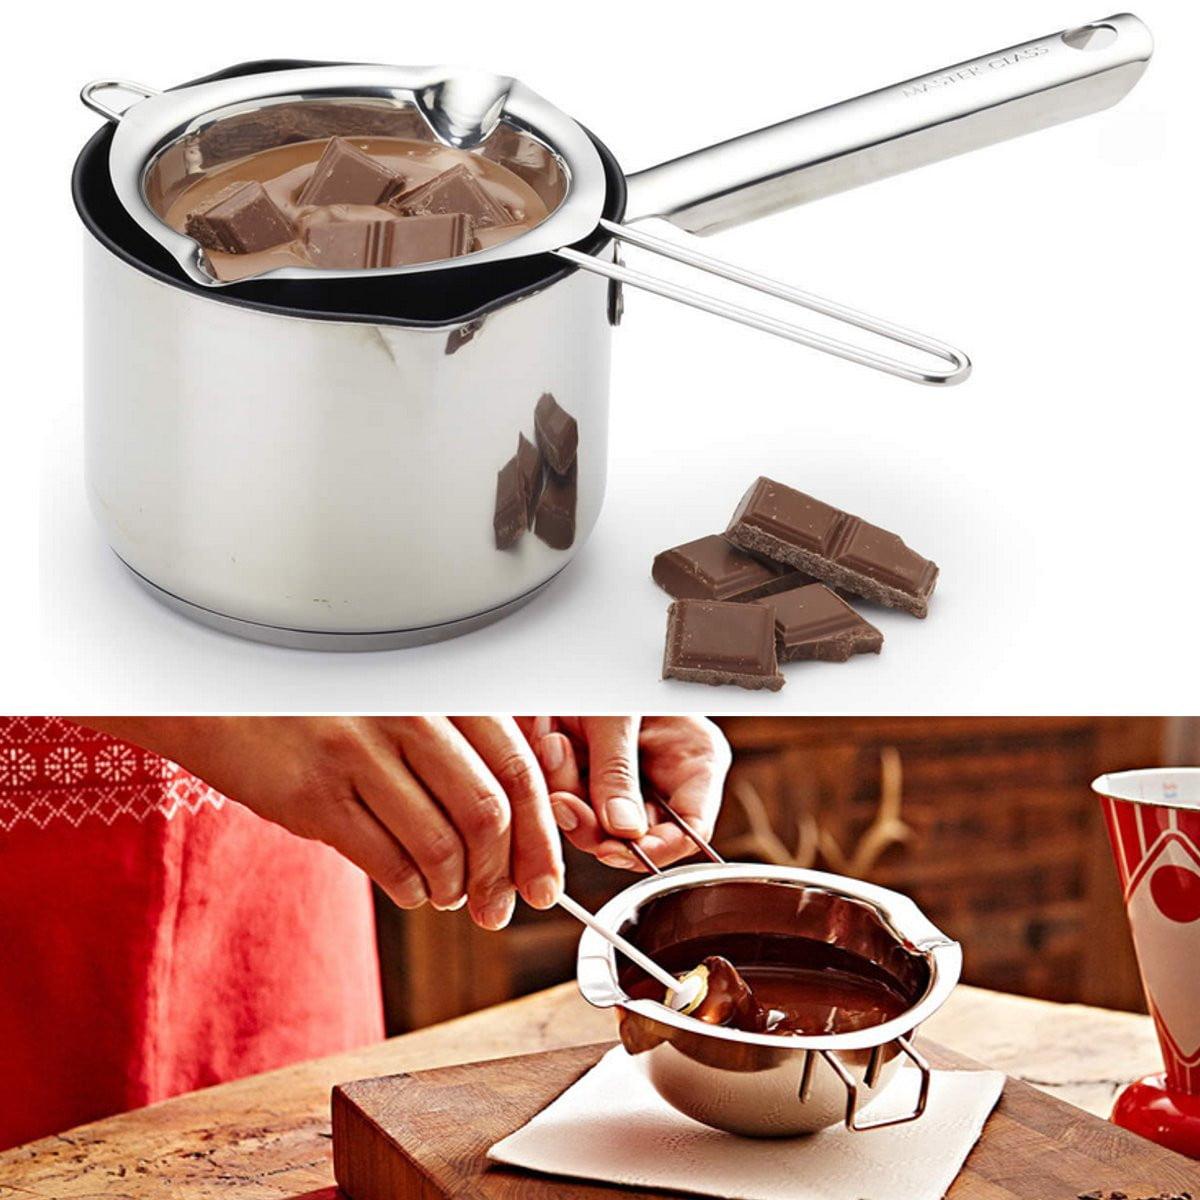 Stainless Steel Chocolate Butter Melting Pot Pan Kitchen Craft Melting Pot Pan Milk Bowl Kitchen Tool